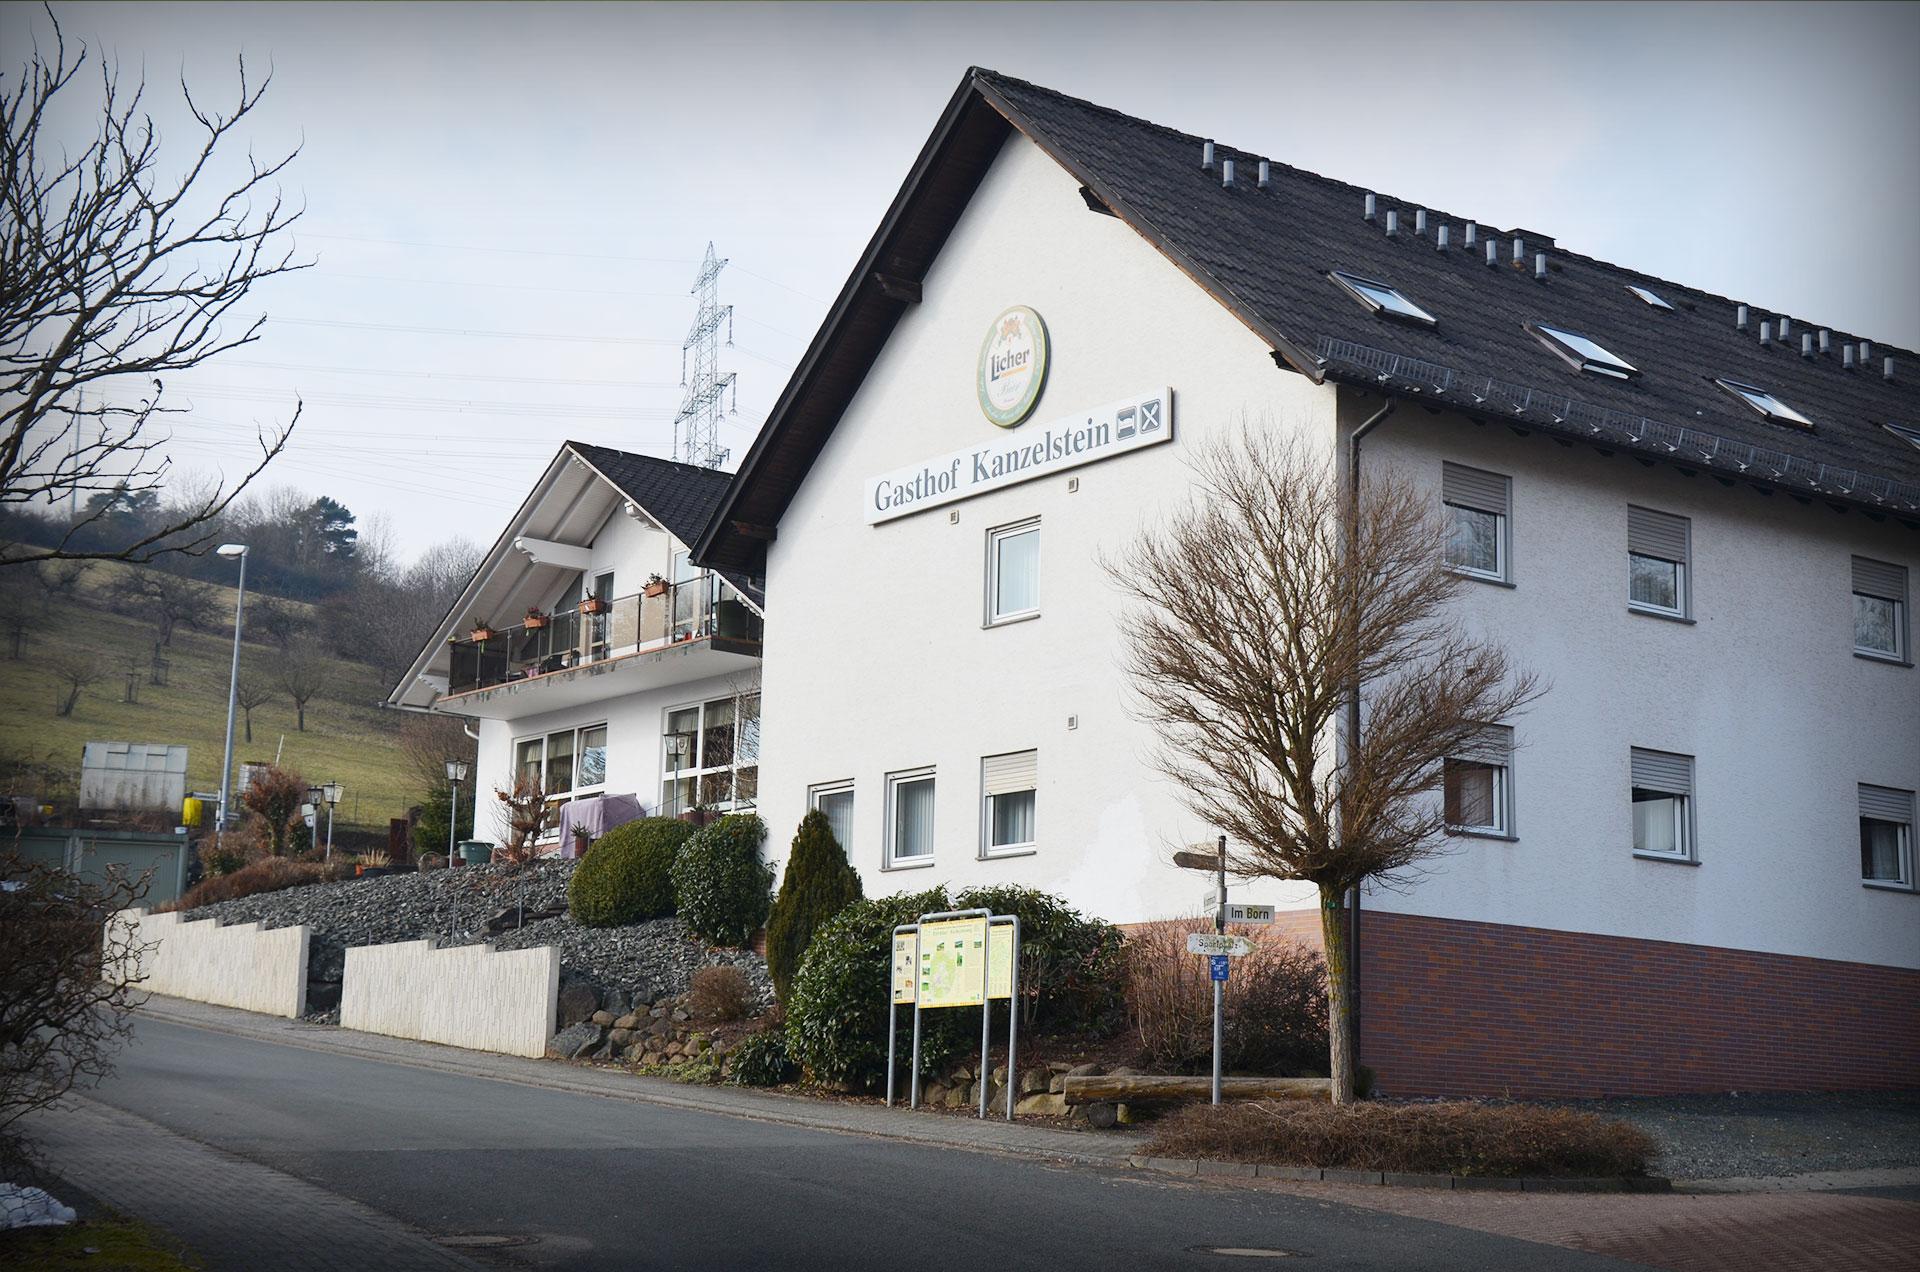 Gasthof-Kanzelstein